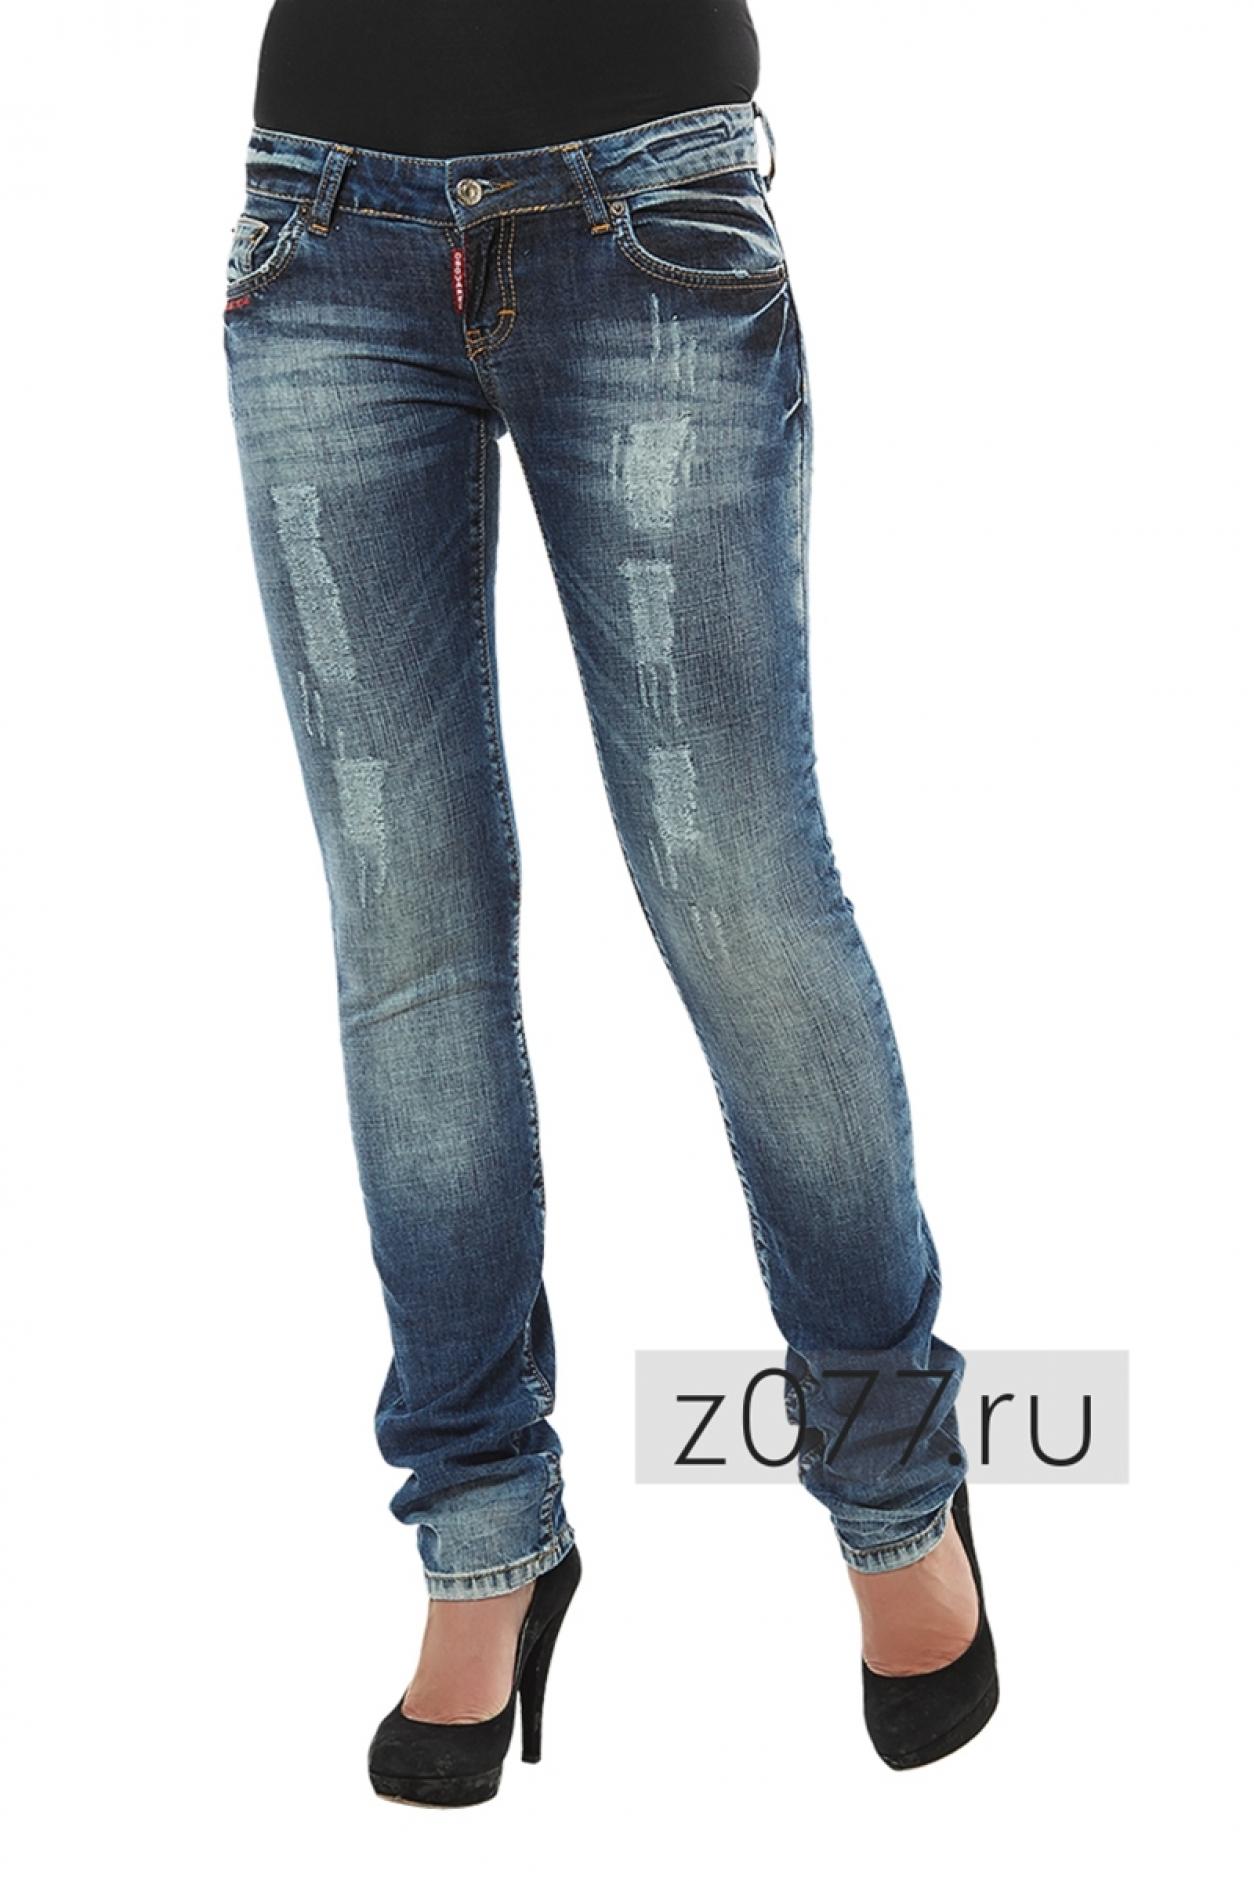 джинсы Dsquared купить в москве цена 11 990 руб интернет магазин